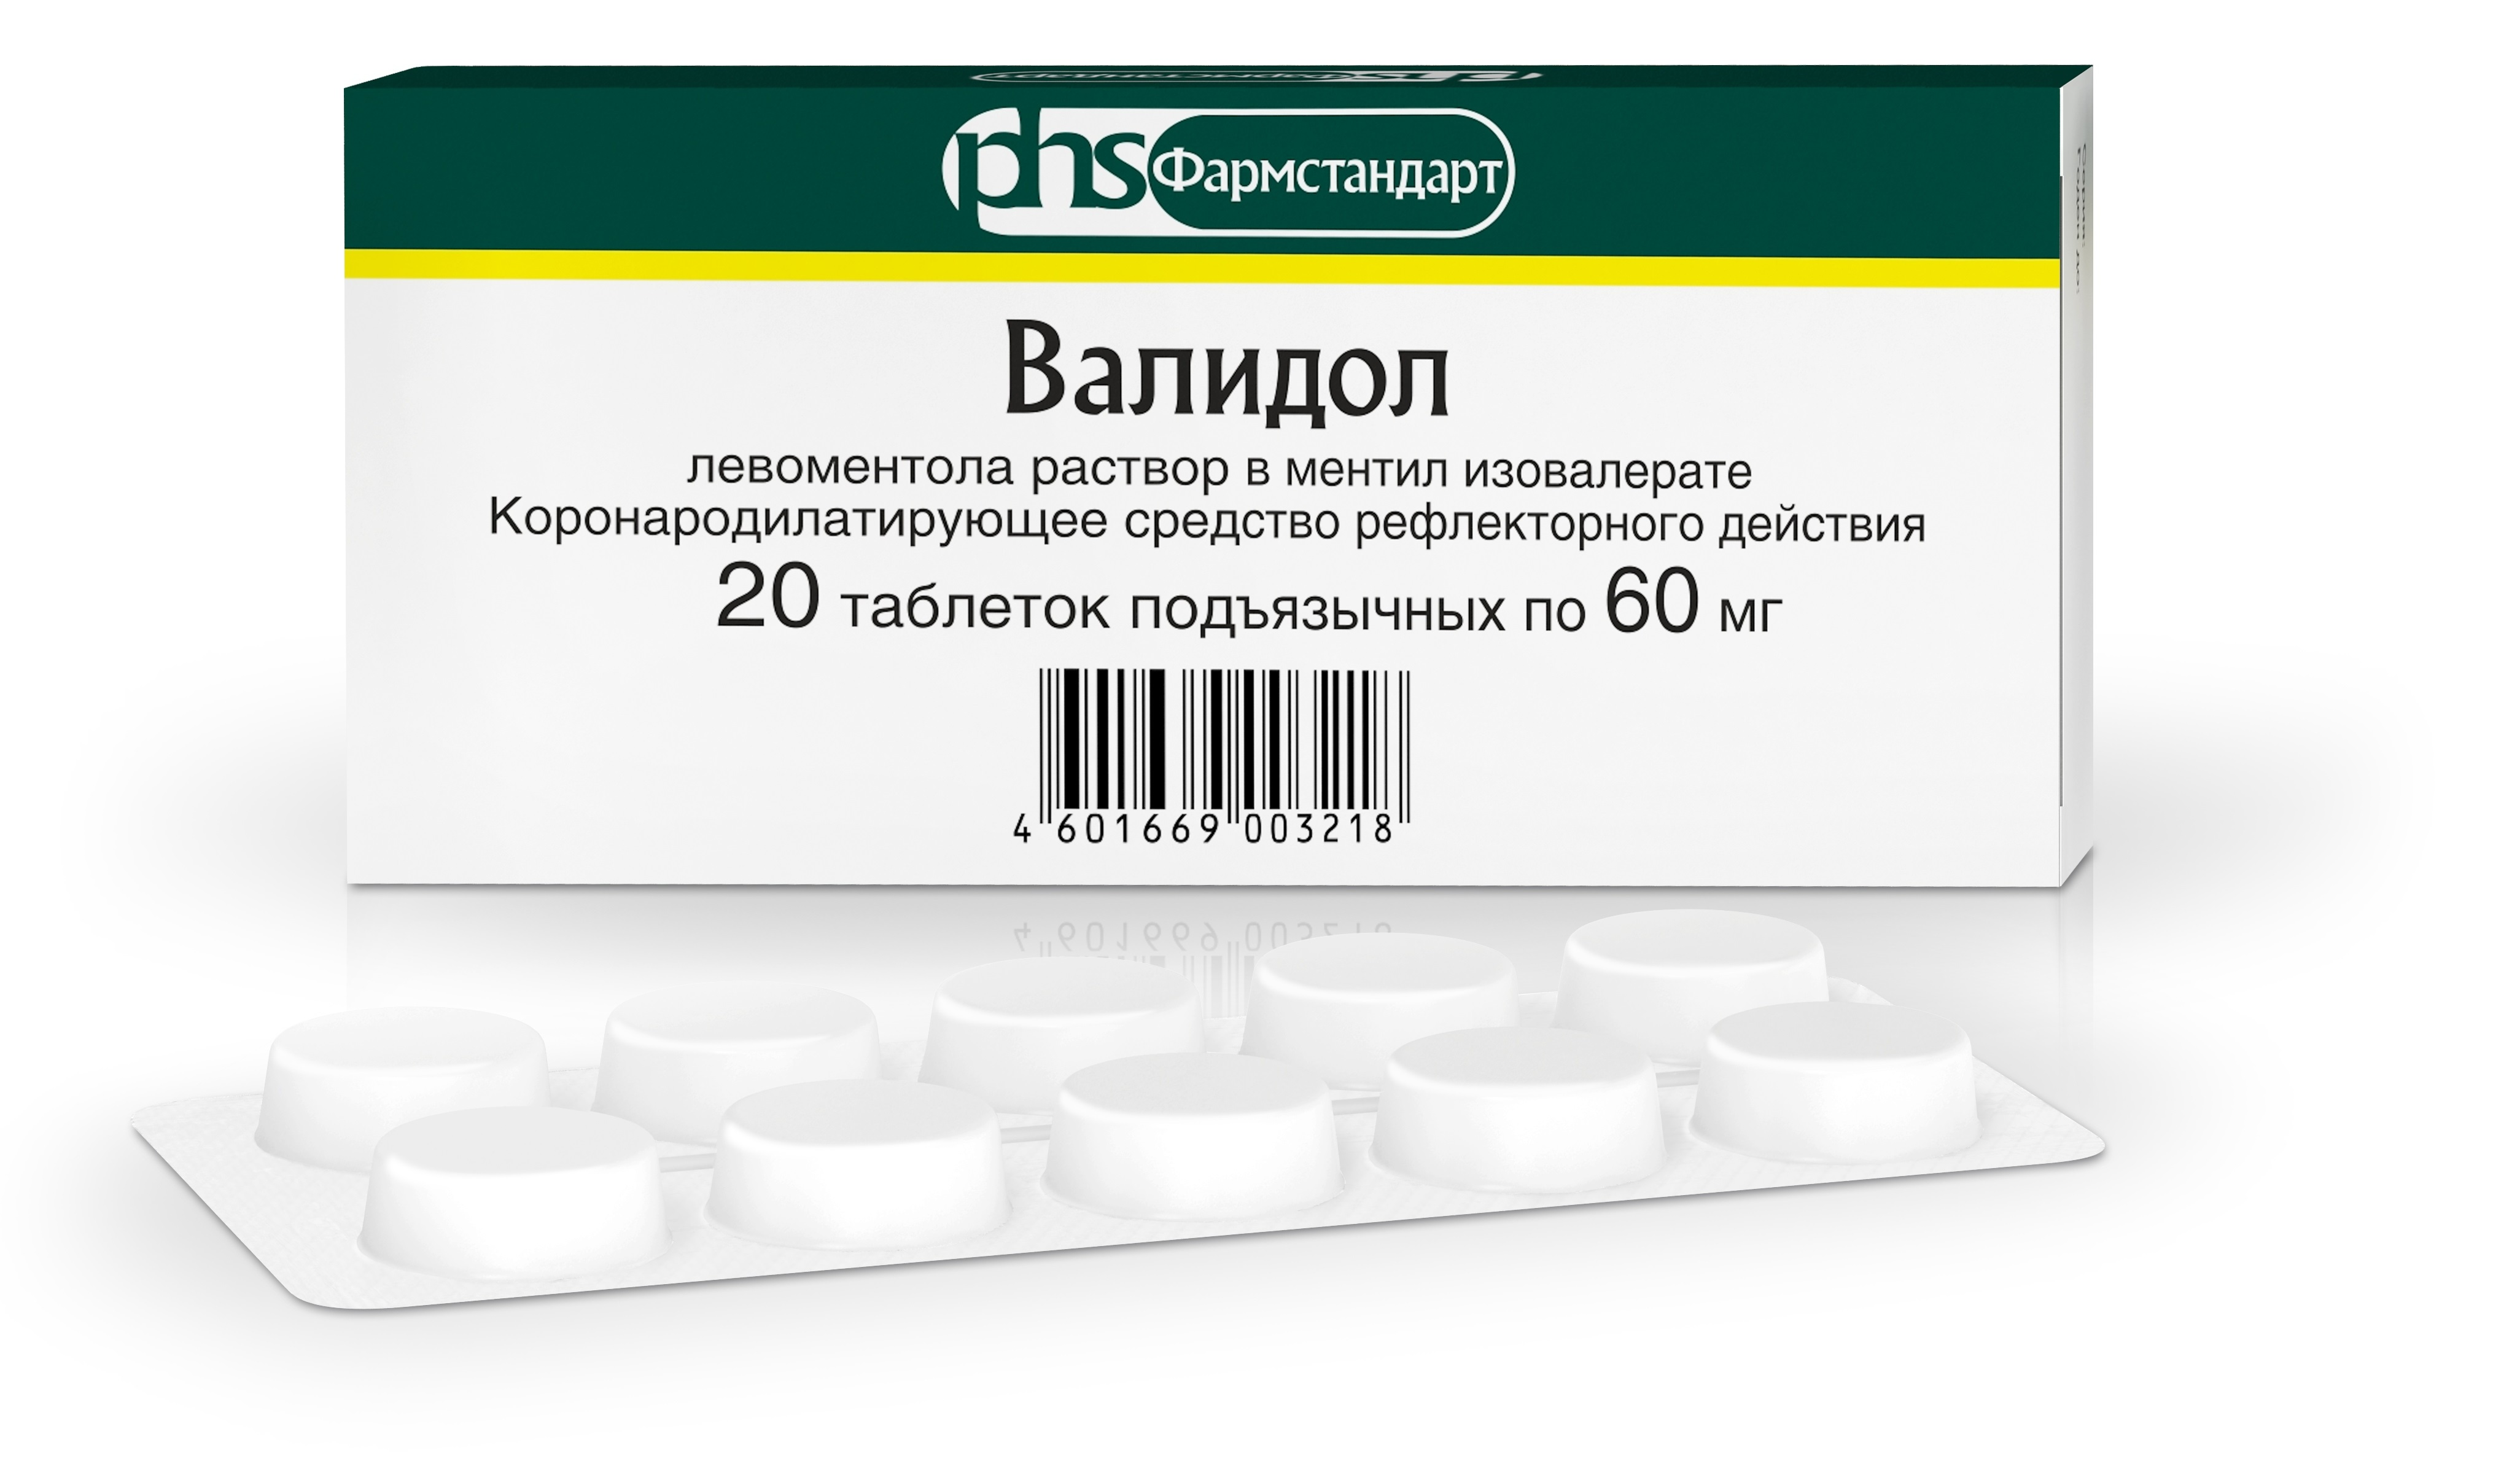 Таблетки при гипертоническом кризе: препараты для купирования